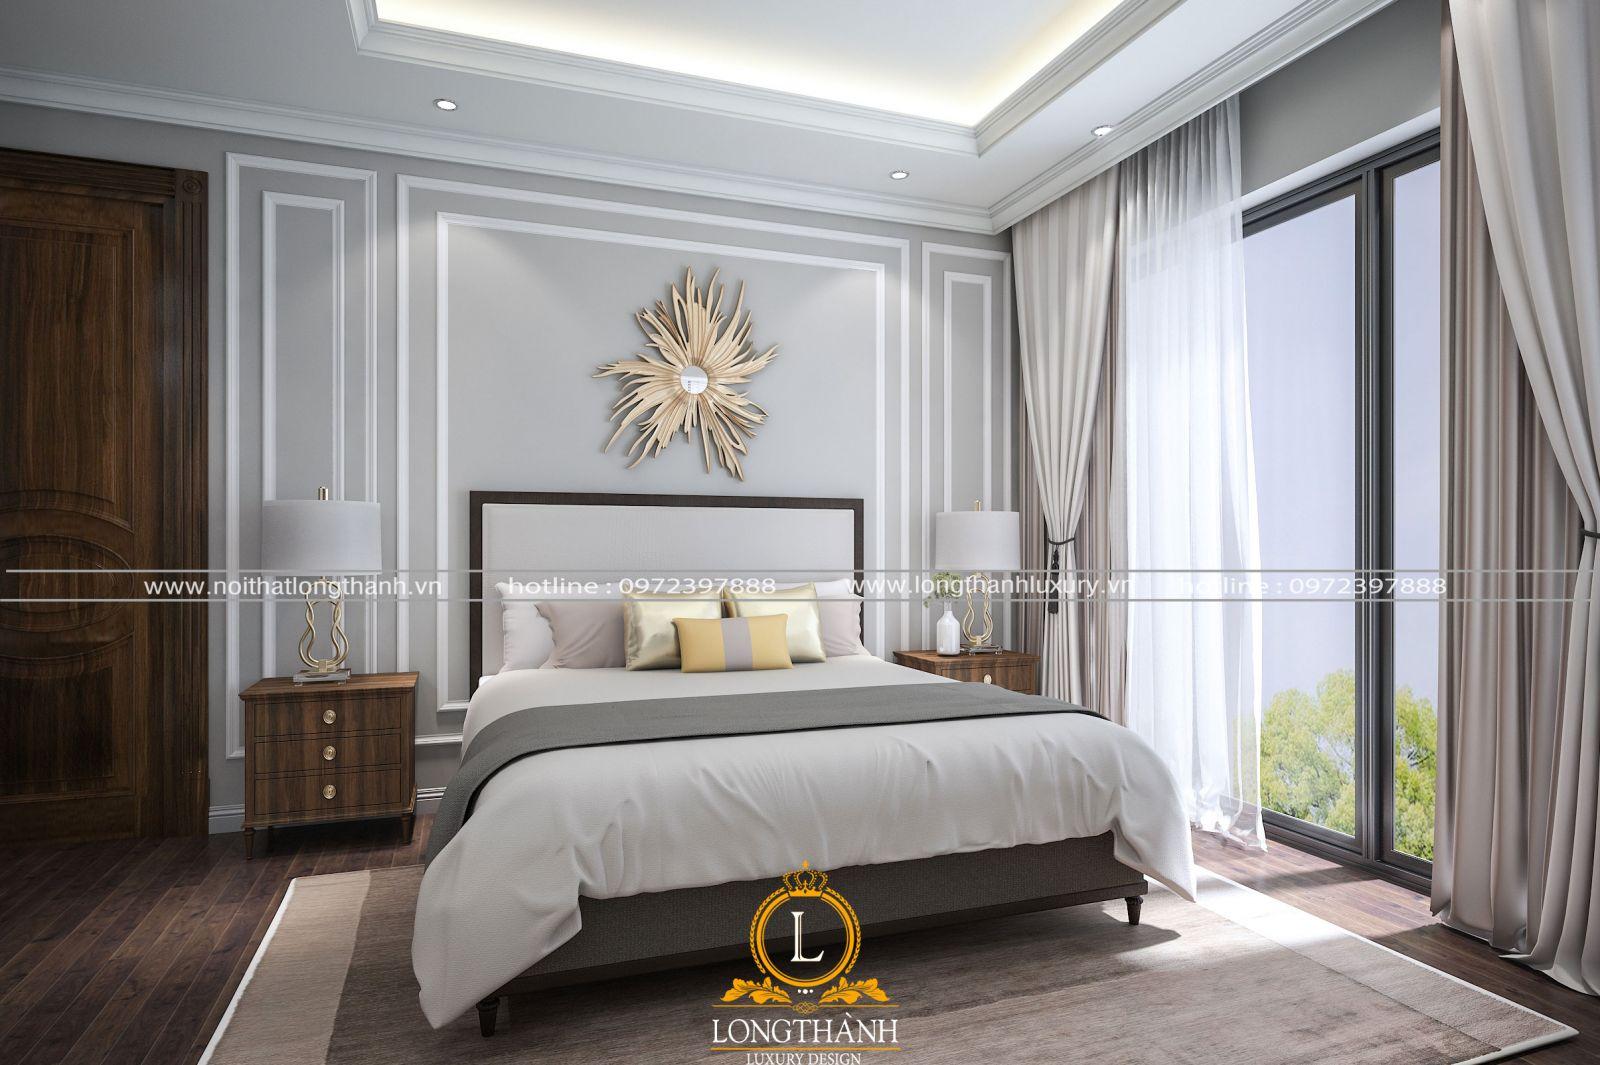 Phòng ngủ hiện đại – Sự lựa chọn hoàn hảo cho những căn hộ chung cư